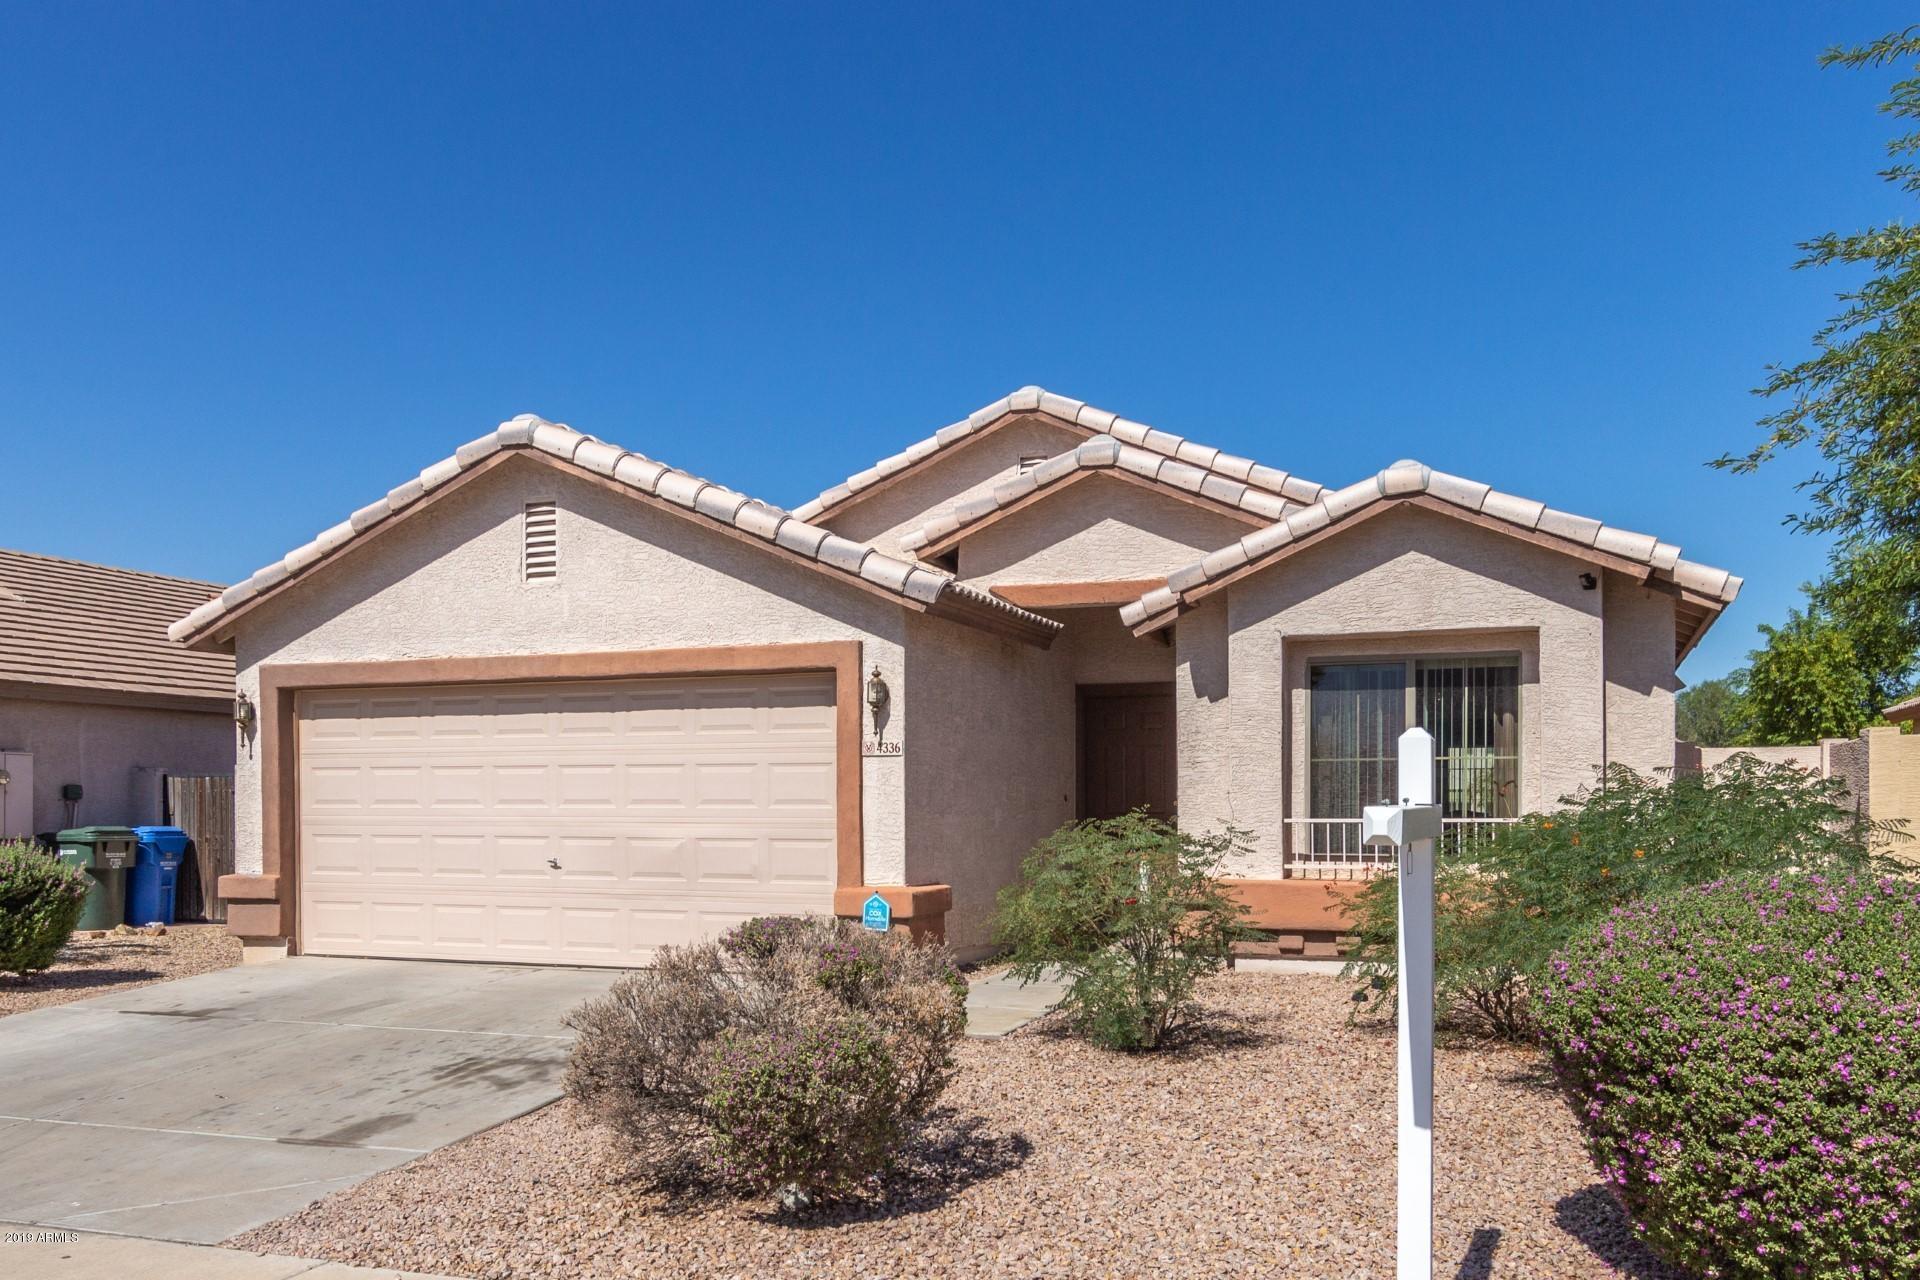 Photo of 4336 W ALTA VISTA Road, Laveen, AZ 85339